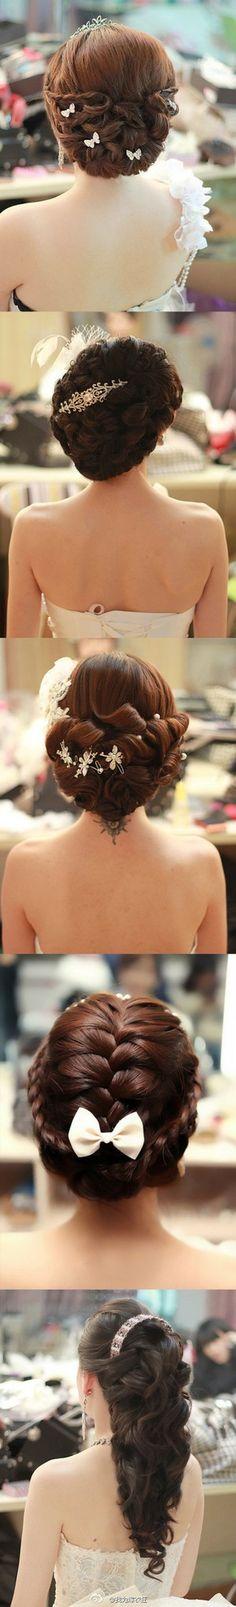 五款漂亮的新娘发型,精致优雅 - 堆糖 发现生活_收集美好_分享图片